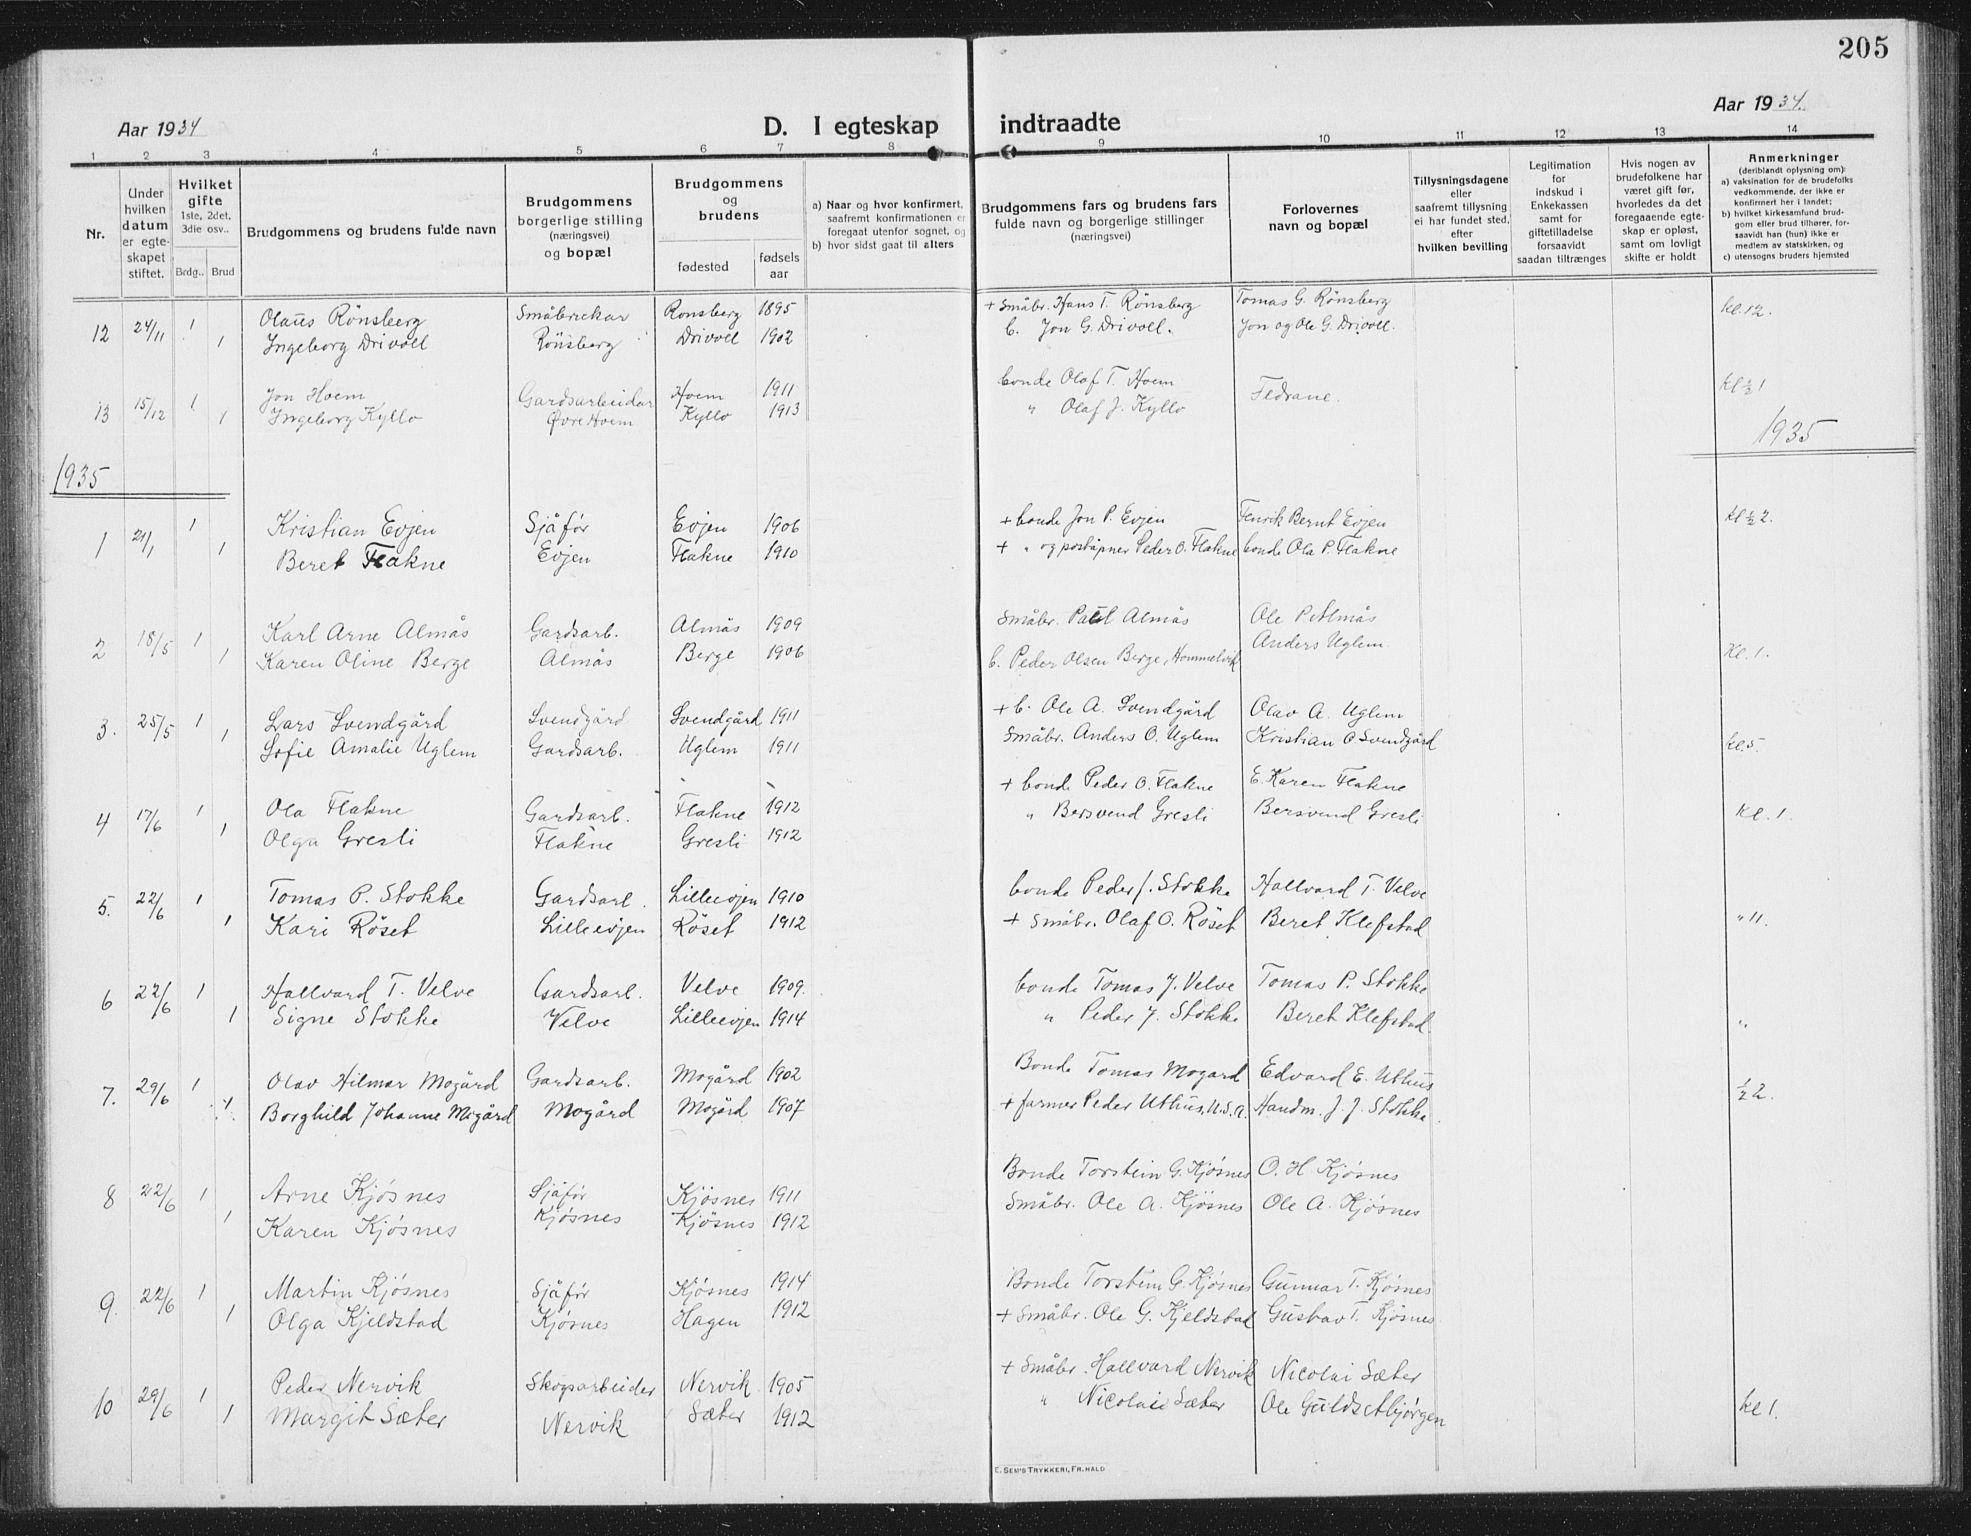 SAT, Ministerialprotokoller, klokkerbøker og fødselsregistre - Sør-Trøndelag, 695/L1158: Klokkerbok nr. 695C09, 1913-1940, s. 205